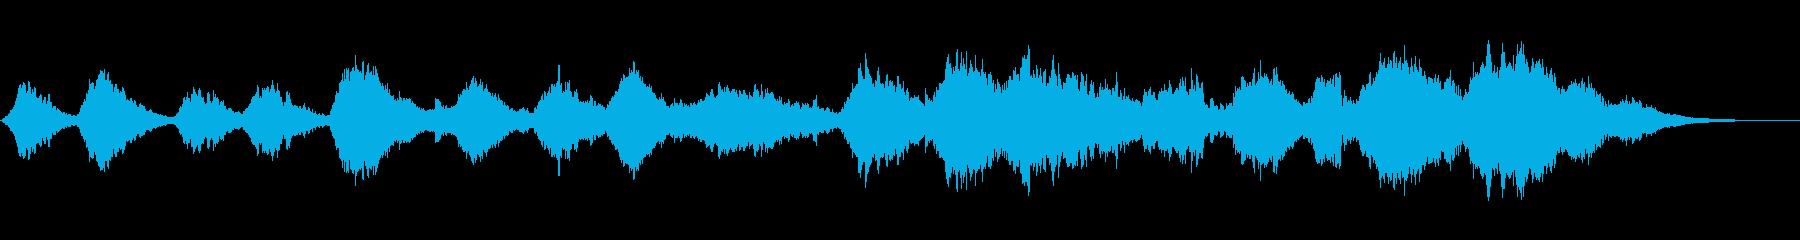 ヒーリング、瞑想向けの静かなアンビエントの再生済みの波形